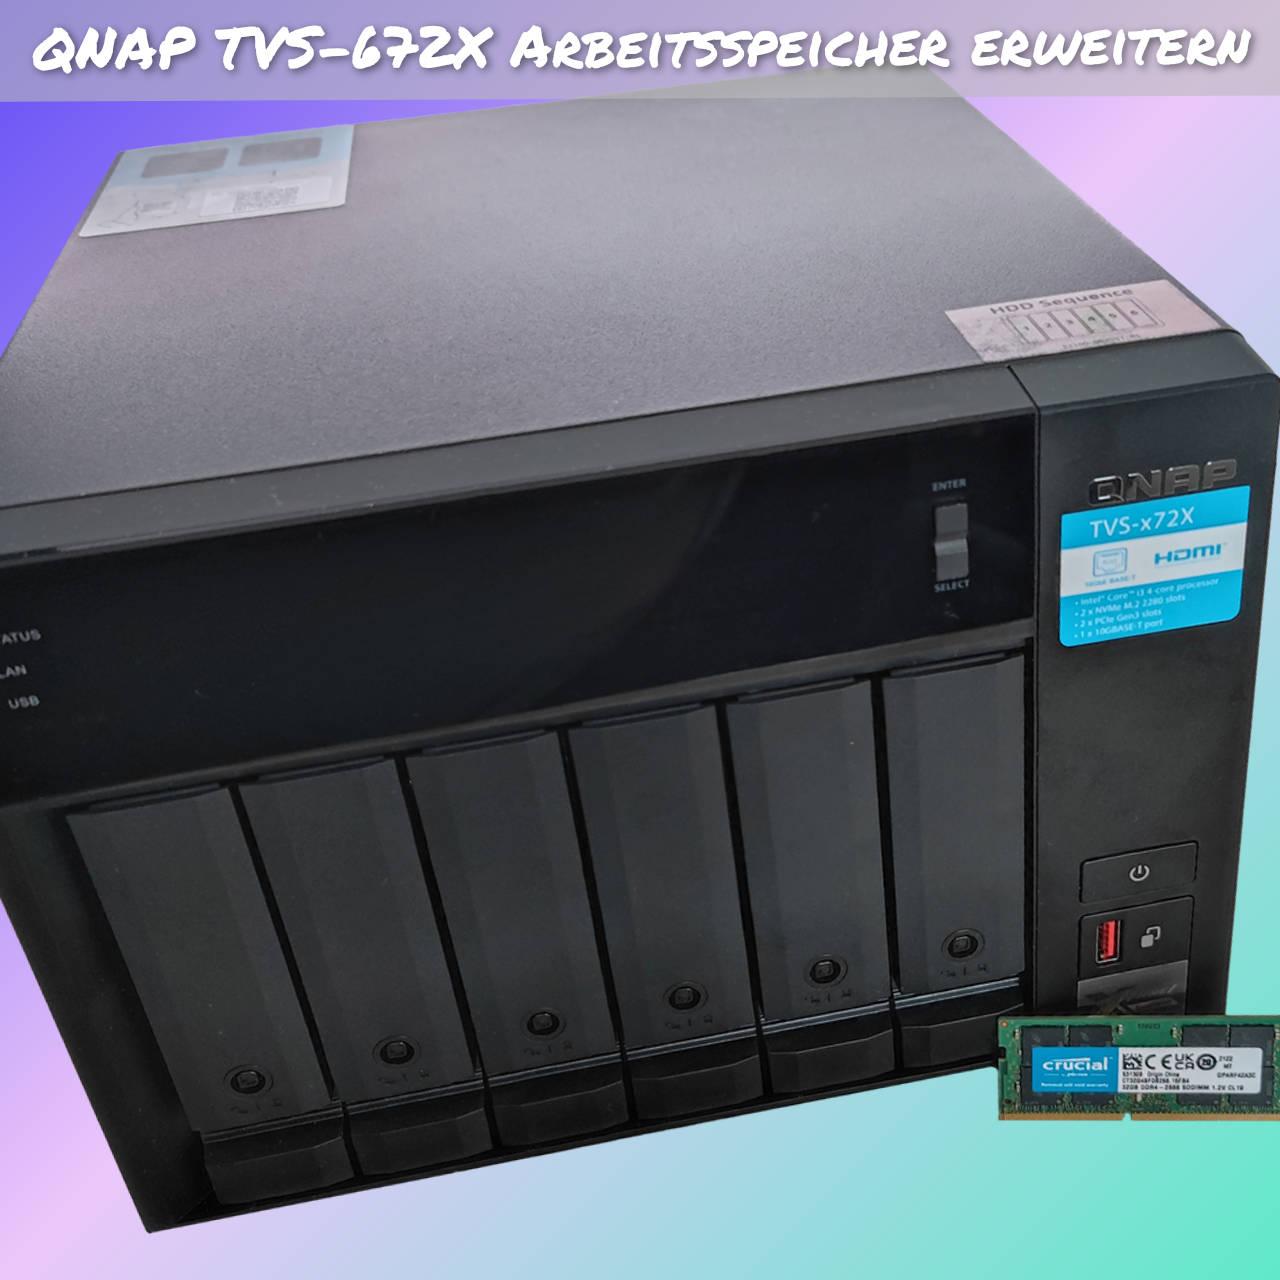 QNAP TVS-672X Arbeitsspeicher erweitern